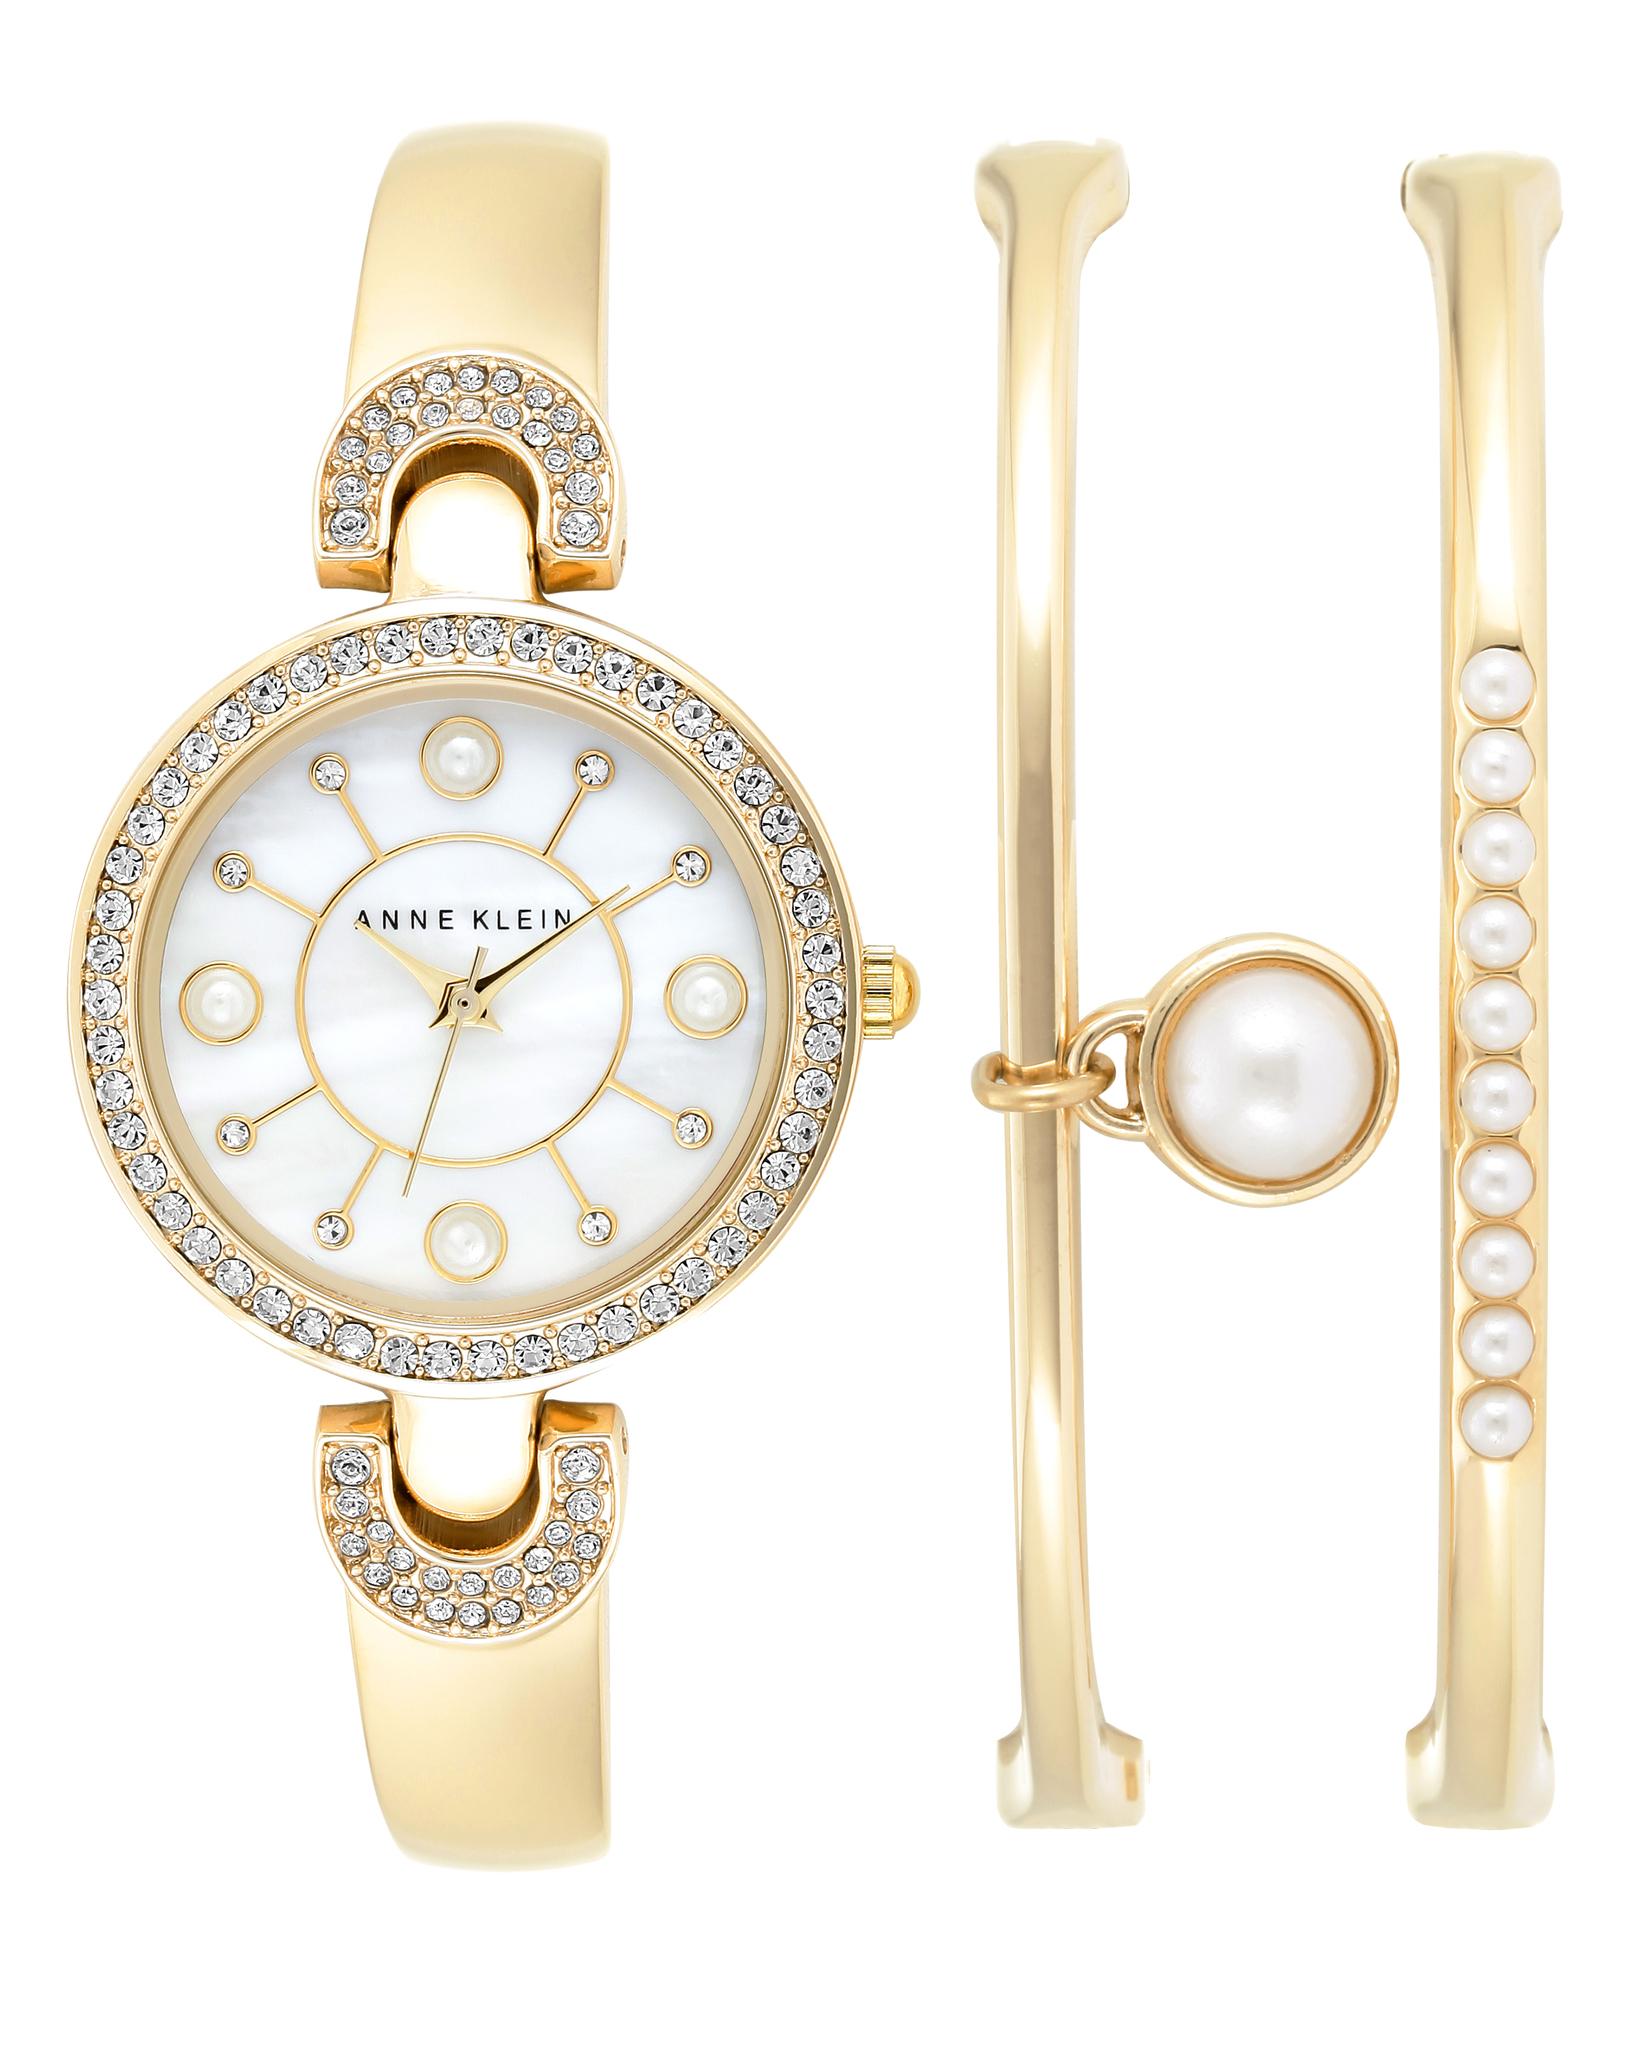 часы anne klein с браслетами женские купить в москве если